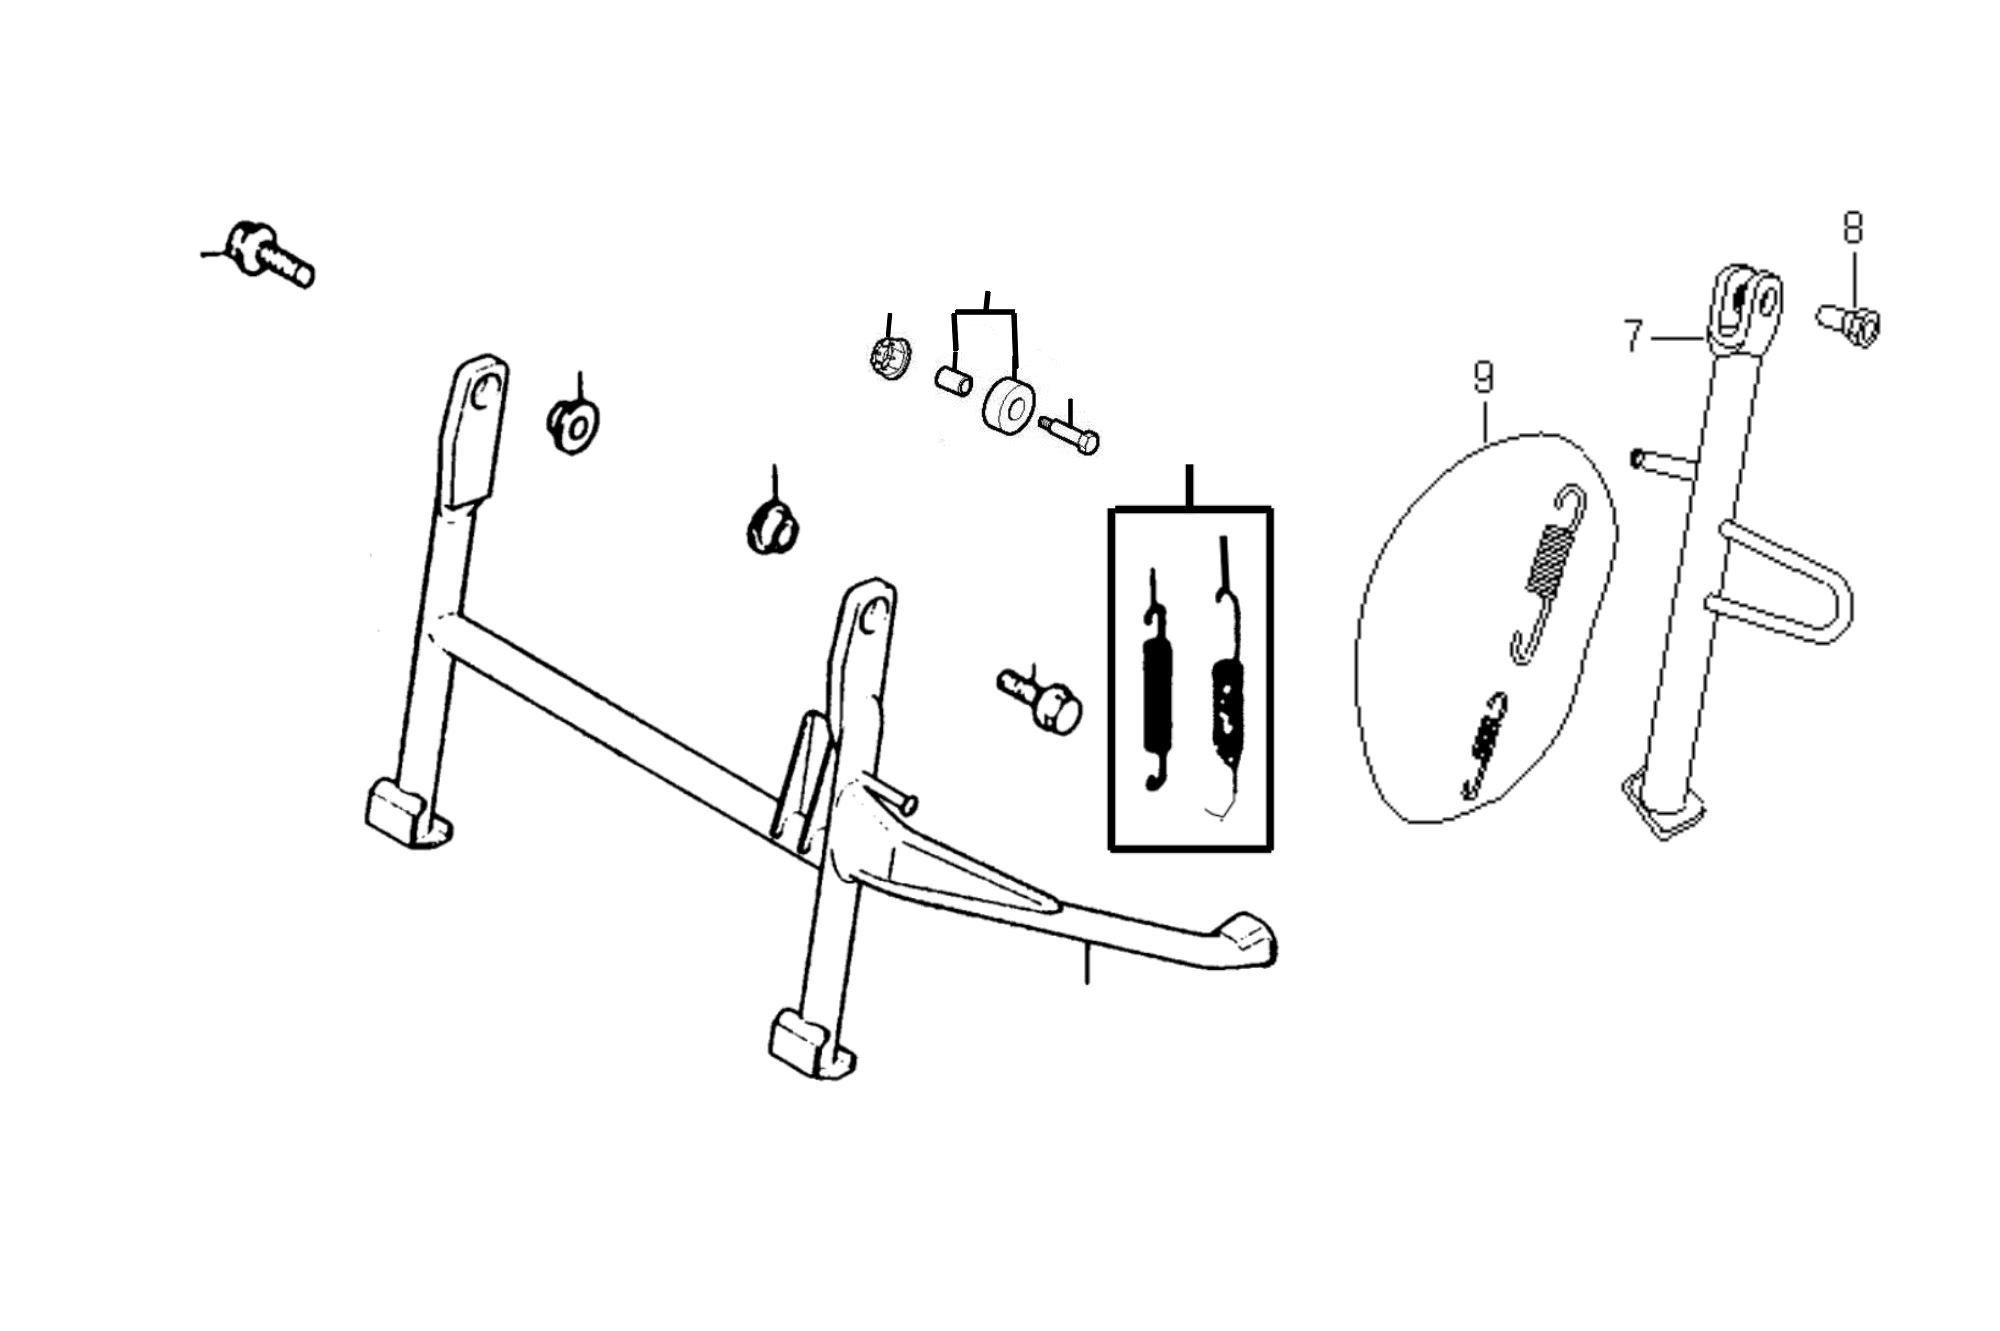 Ständer (am Rahmen befestigt)